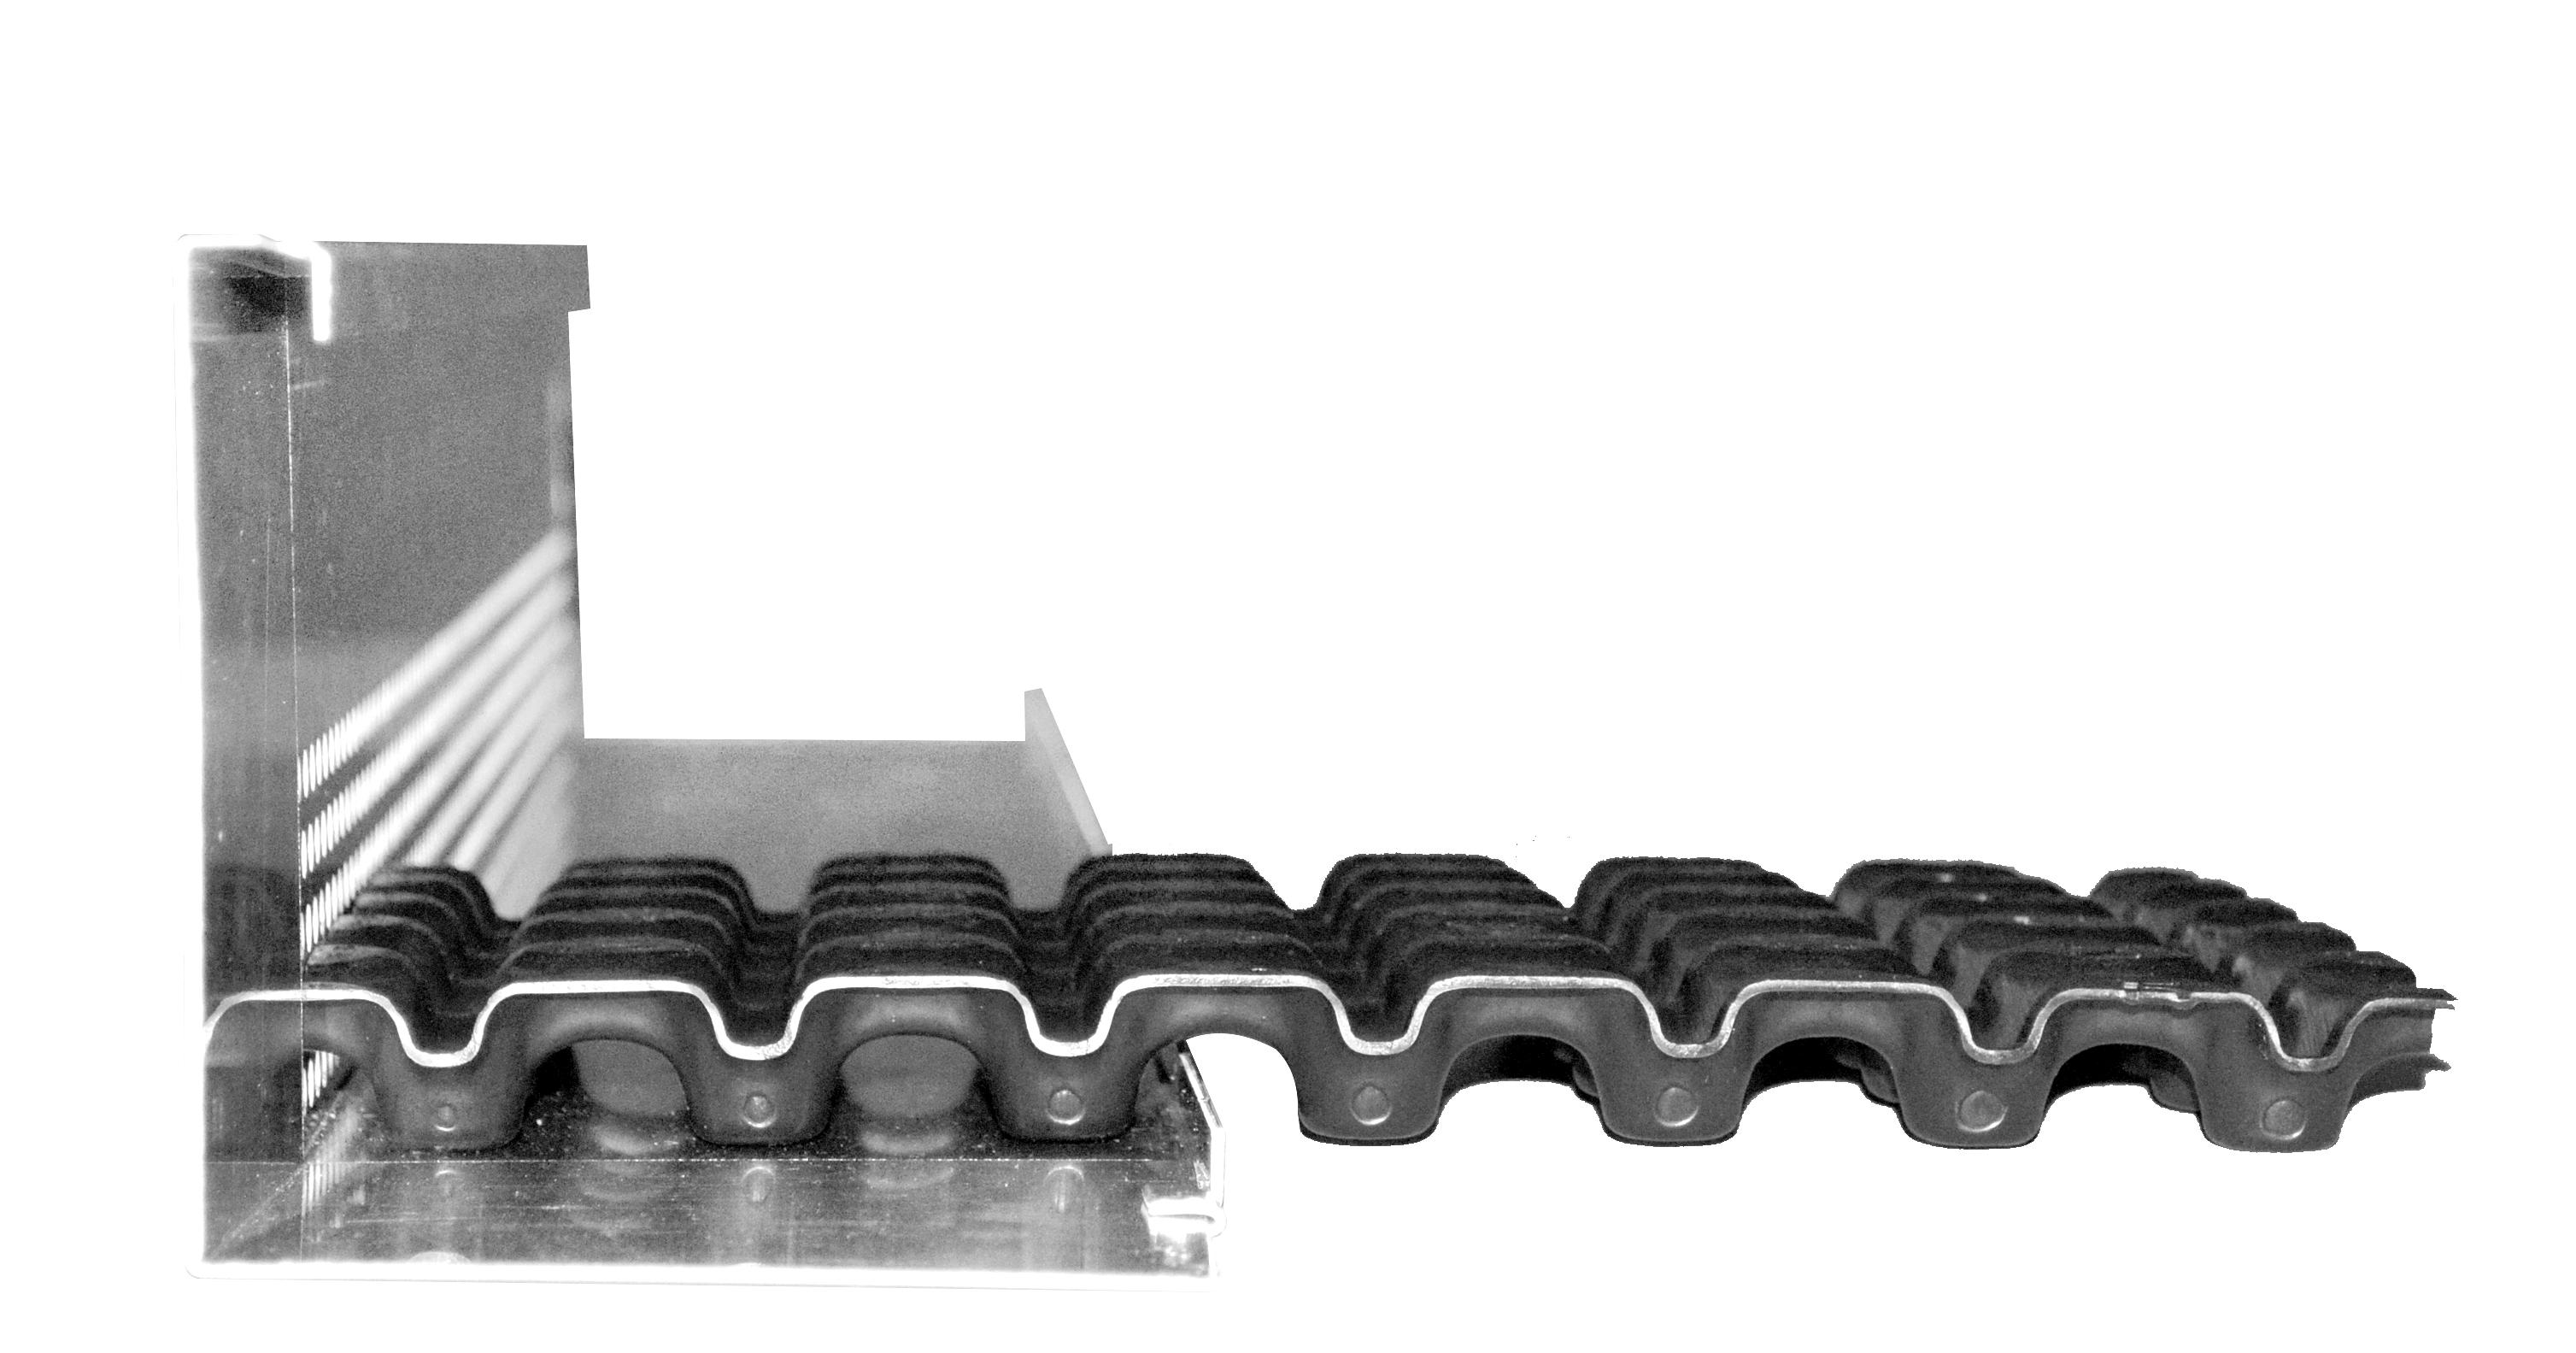 Optigrün-Randabschlussleiste RL 120 inkl. 1 Verbinder